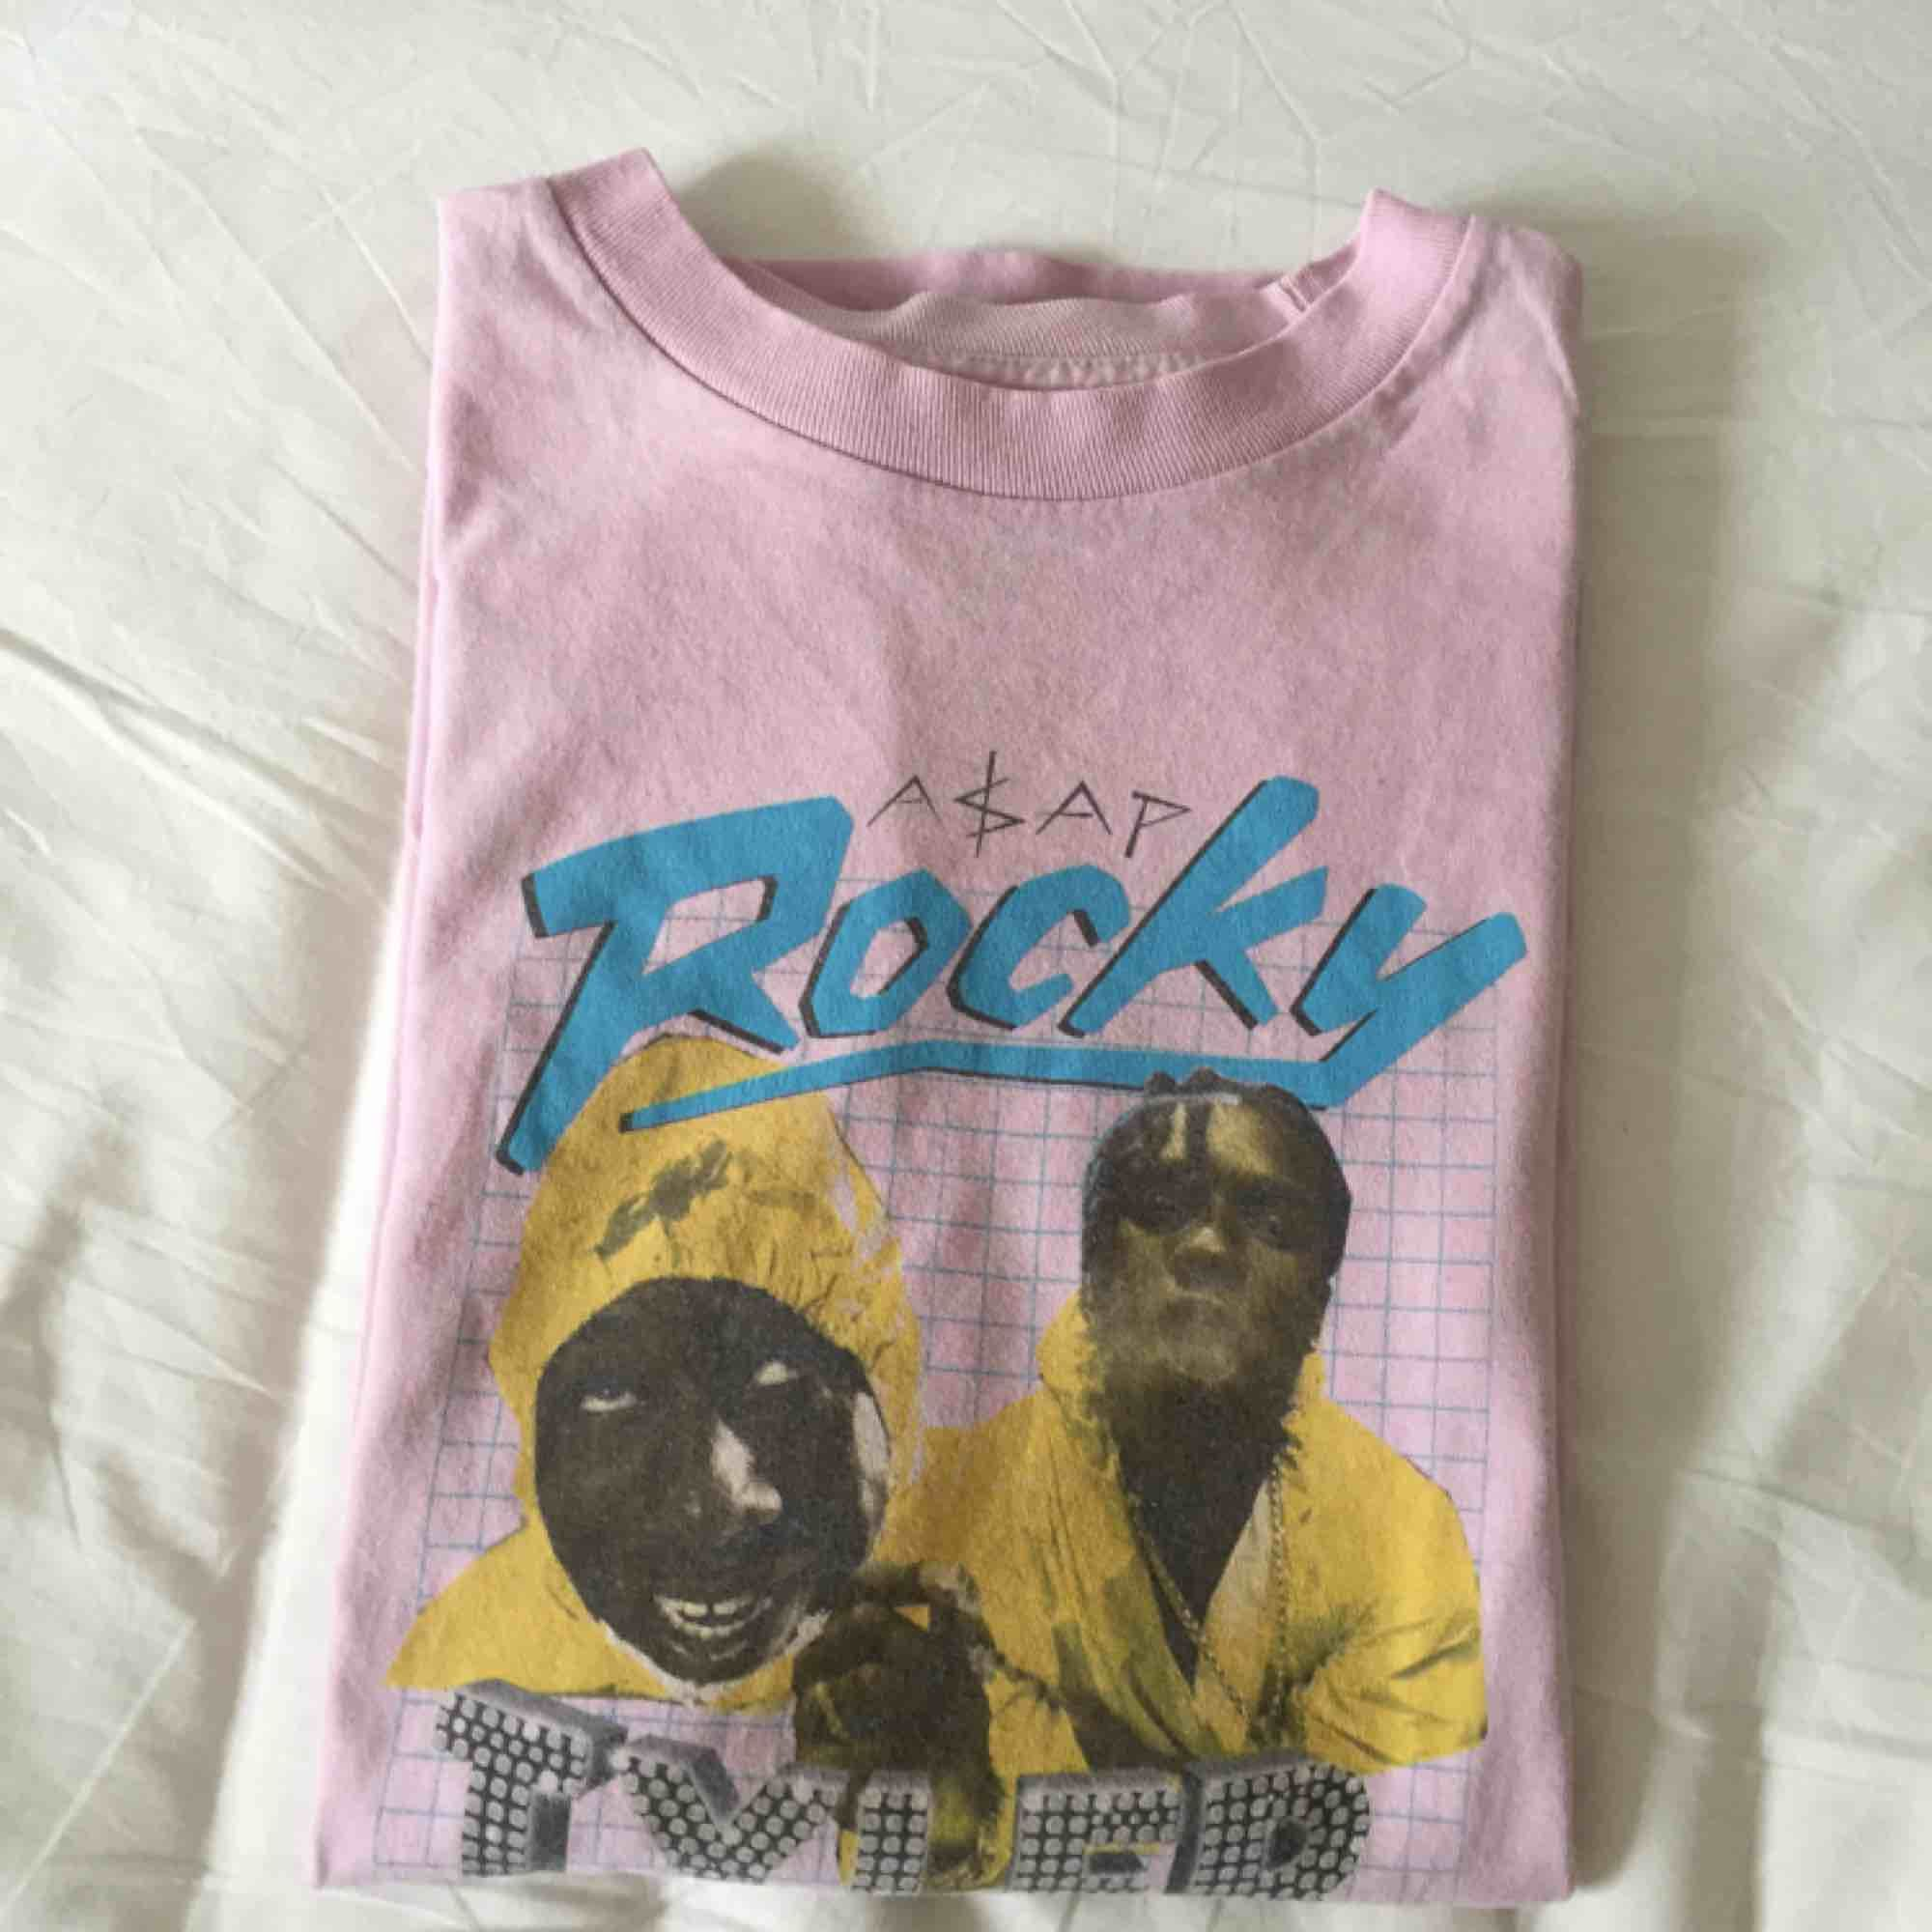 Golf Wang x A$AP ROCKY t-shirt. Har även en likadan fast i svart som jag kan sälja för ett bra pris ;-)) På grailed, depop osv går dessa tröjorna för över $50 så tycker att mitt pris är väldigt bra :)) (Köpare står för frakt). T-shirts.